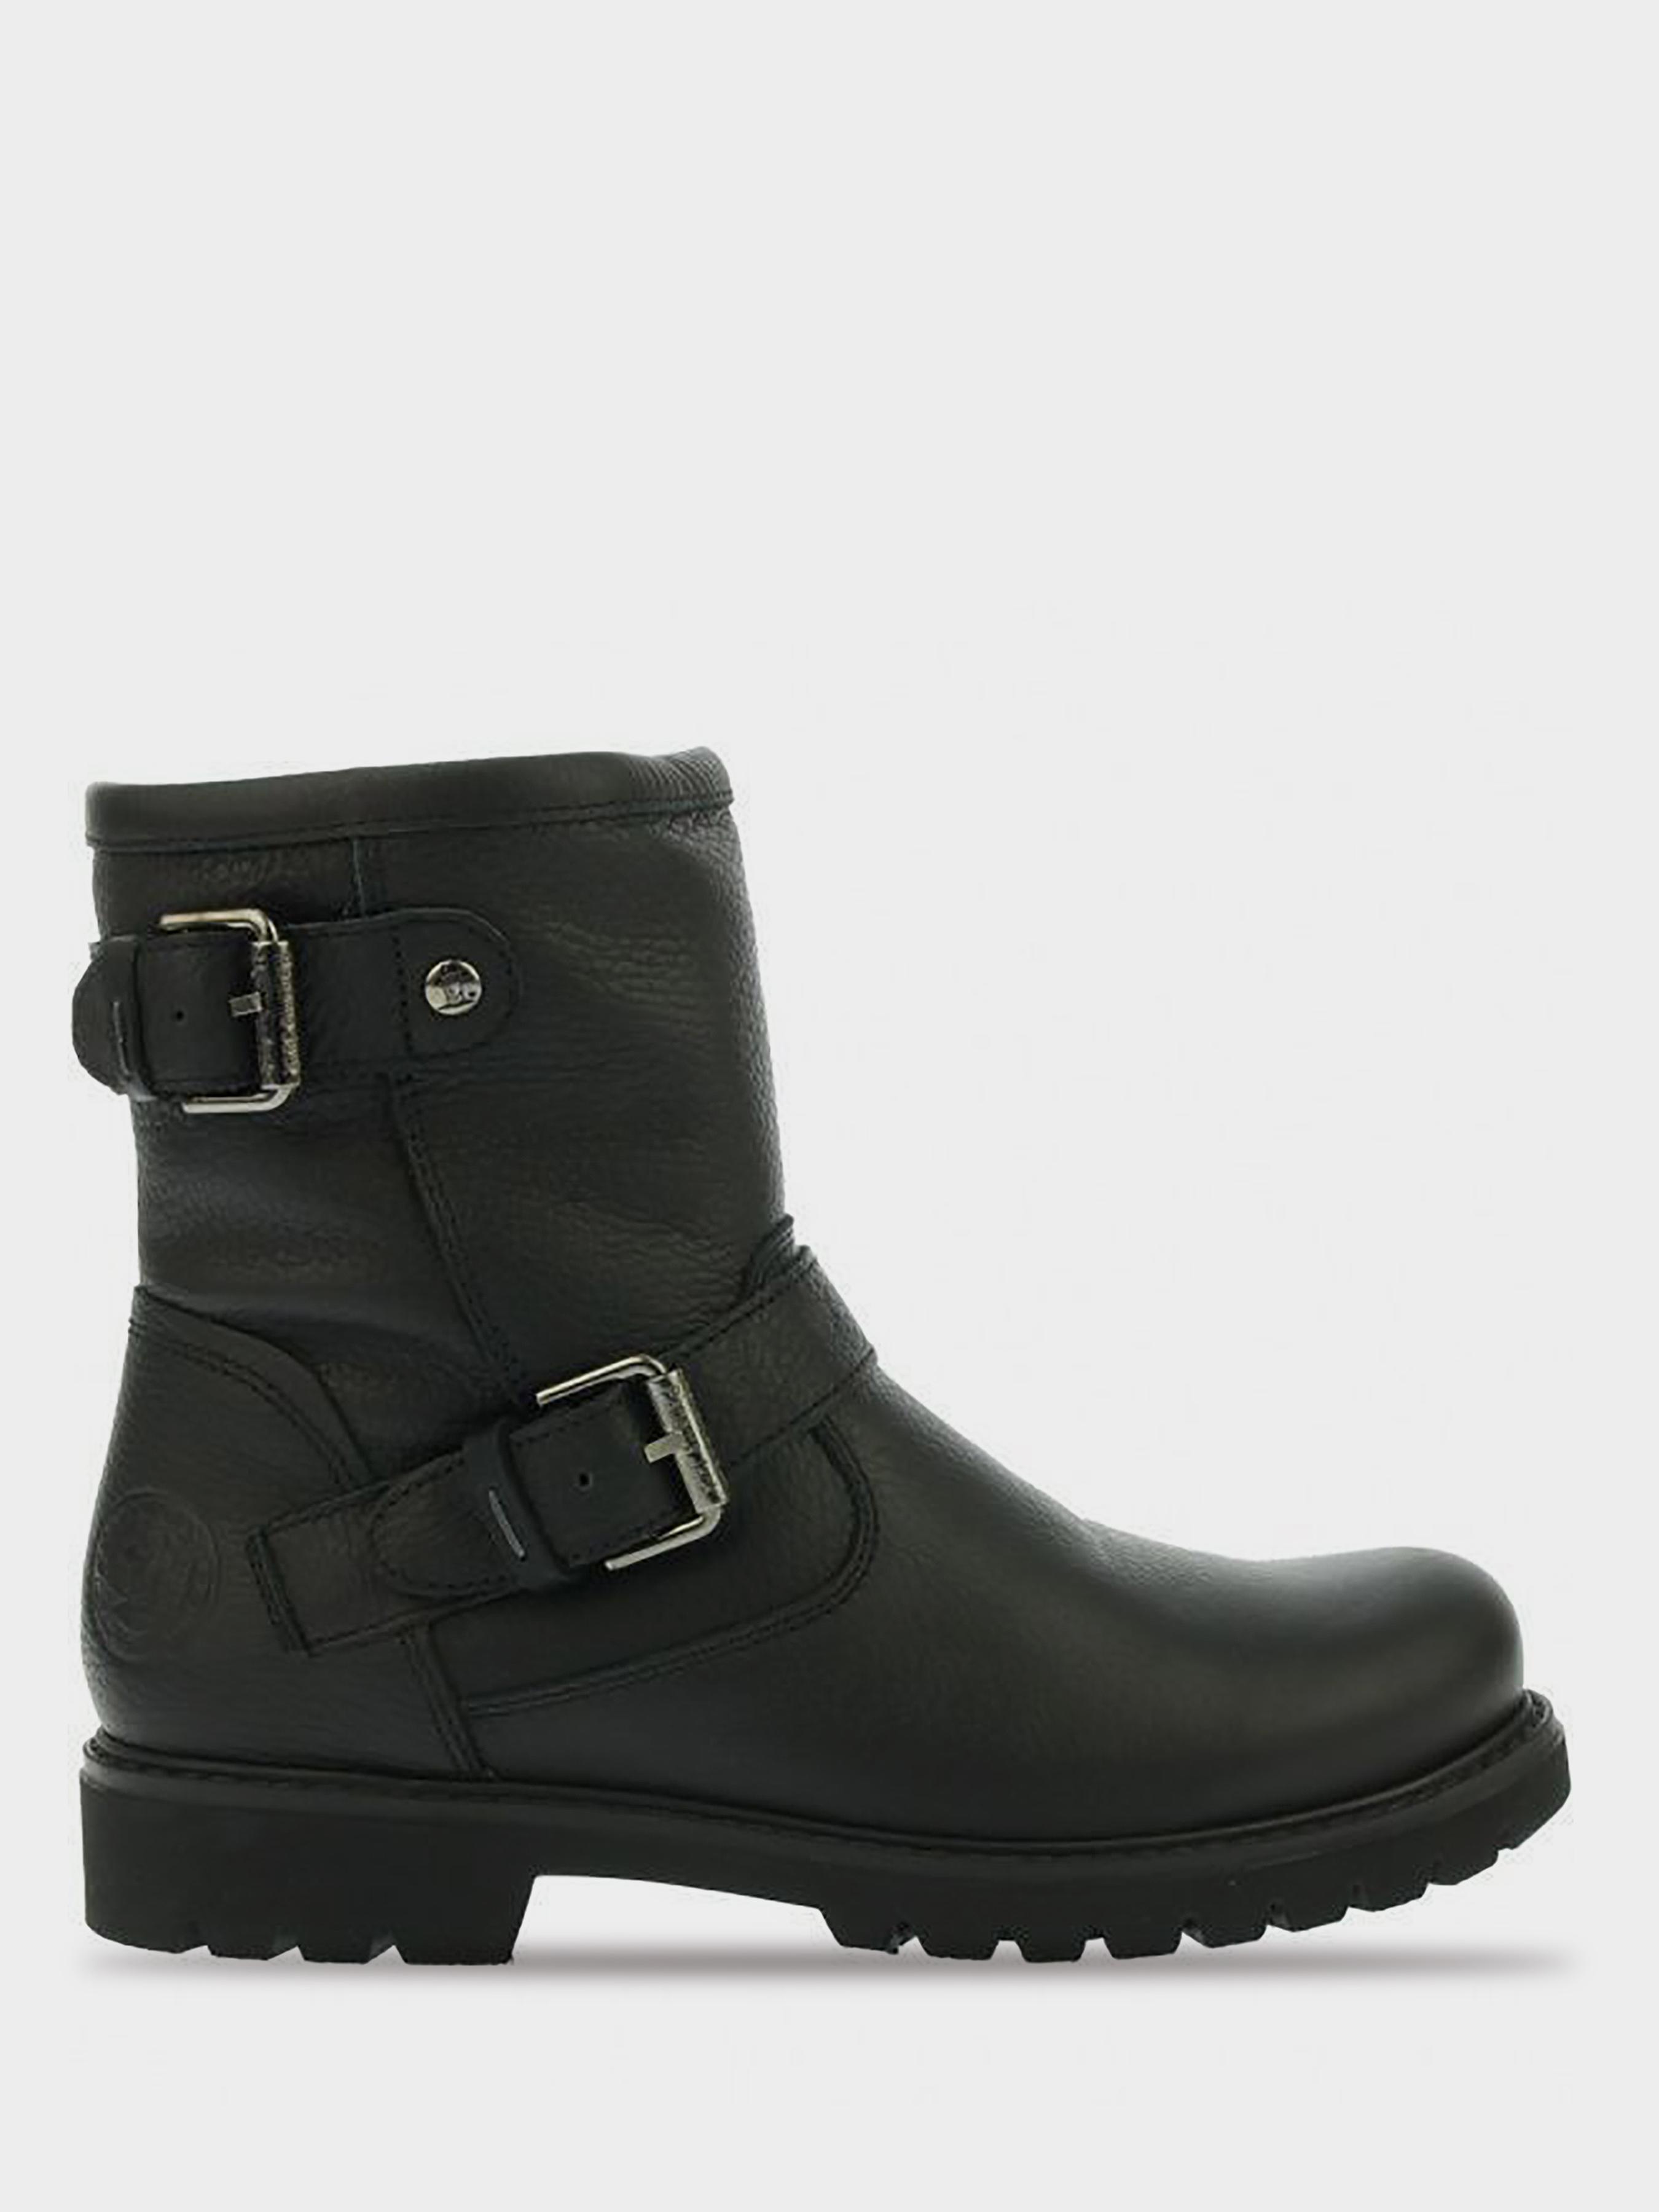 Купить Ботинки женские Panama Jack PW143, Черный